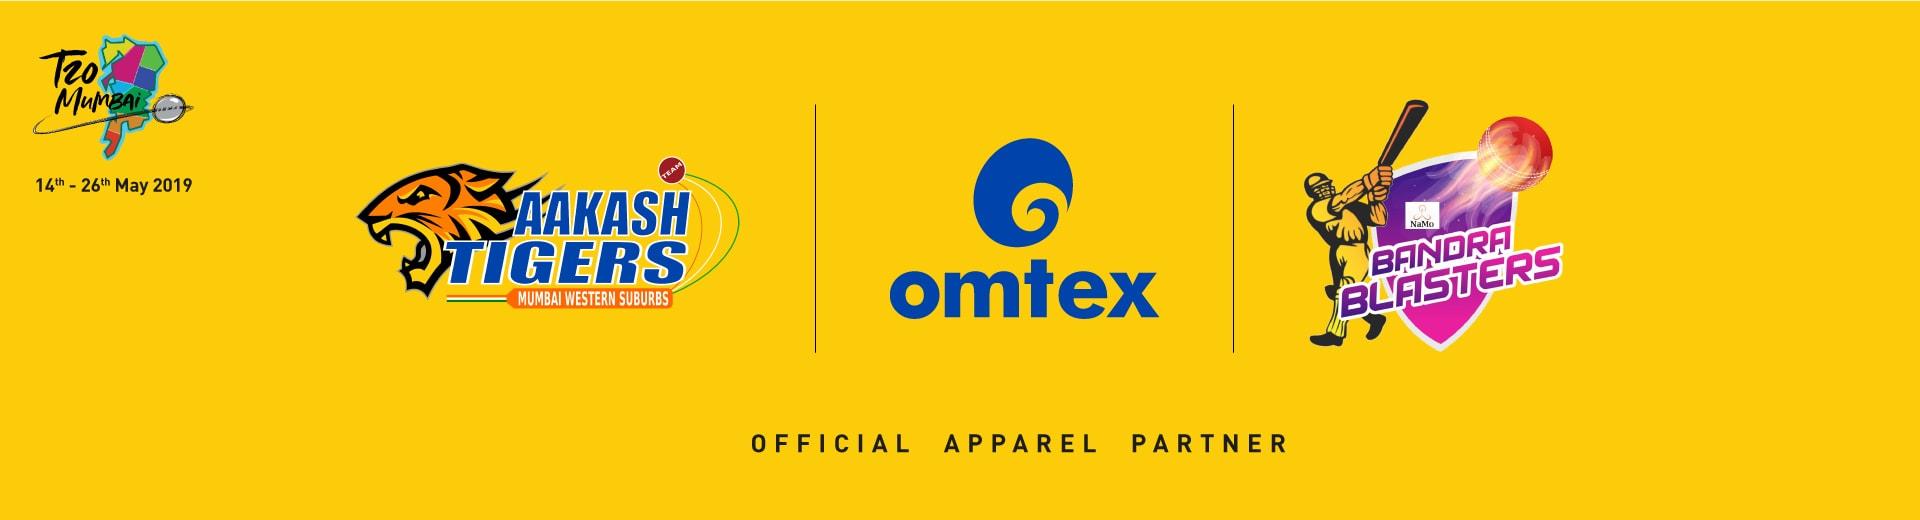 Omtex Partner